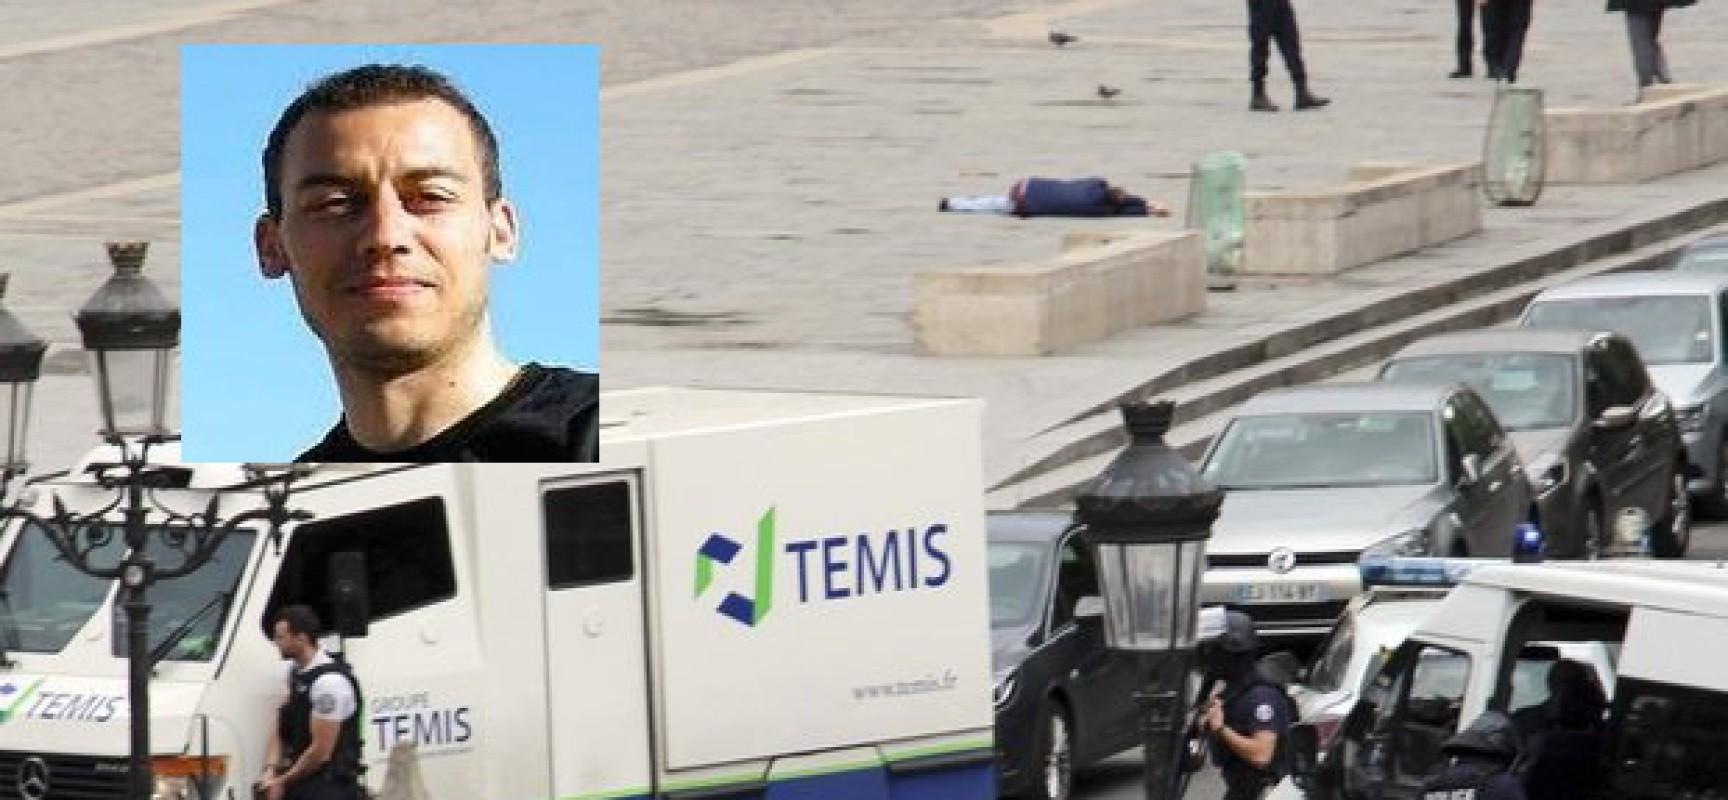 Arrestation de Farid Ikken, auteur de l'attentat de Paris – Stupéfaction et incompréhension à Béjaïa